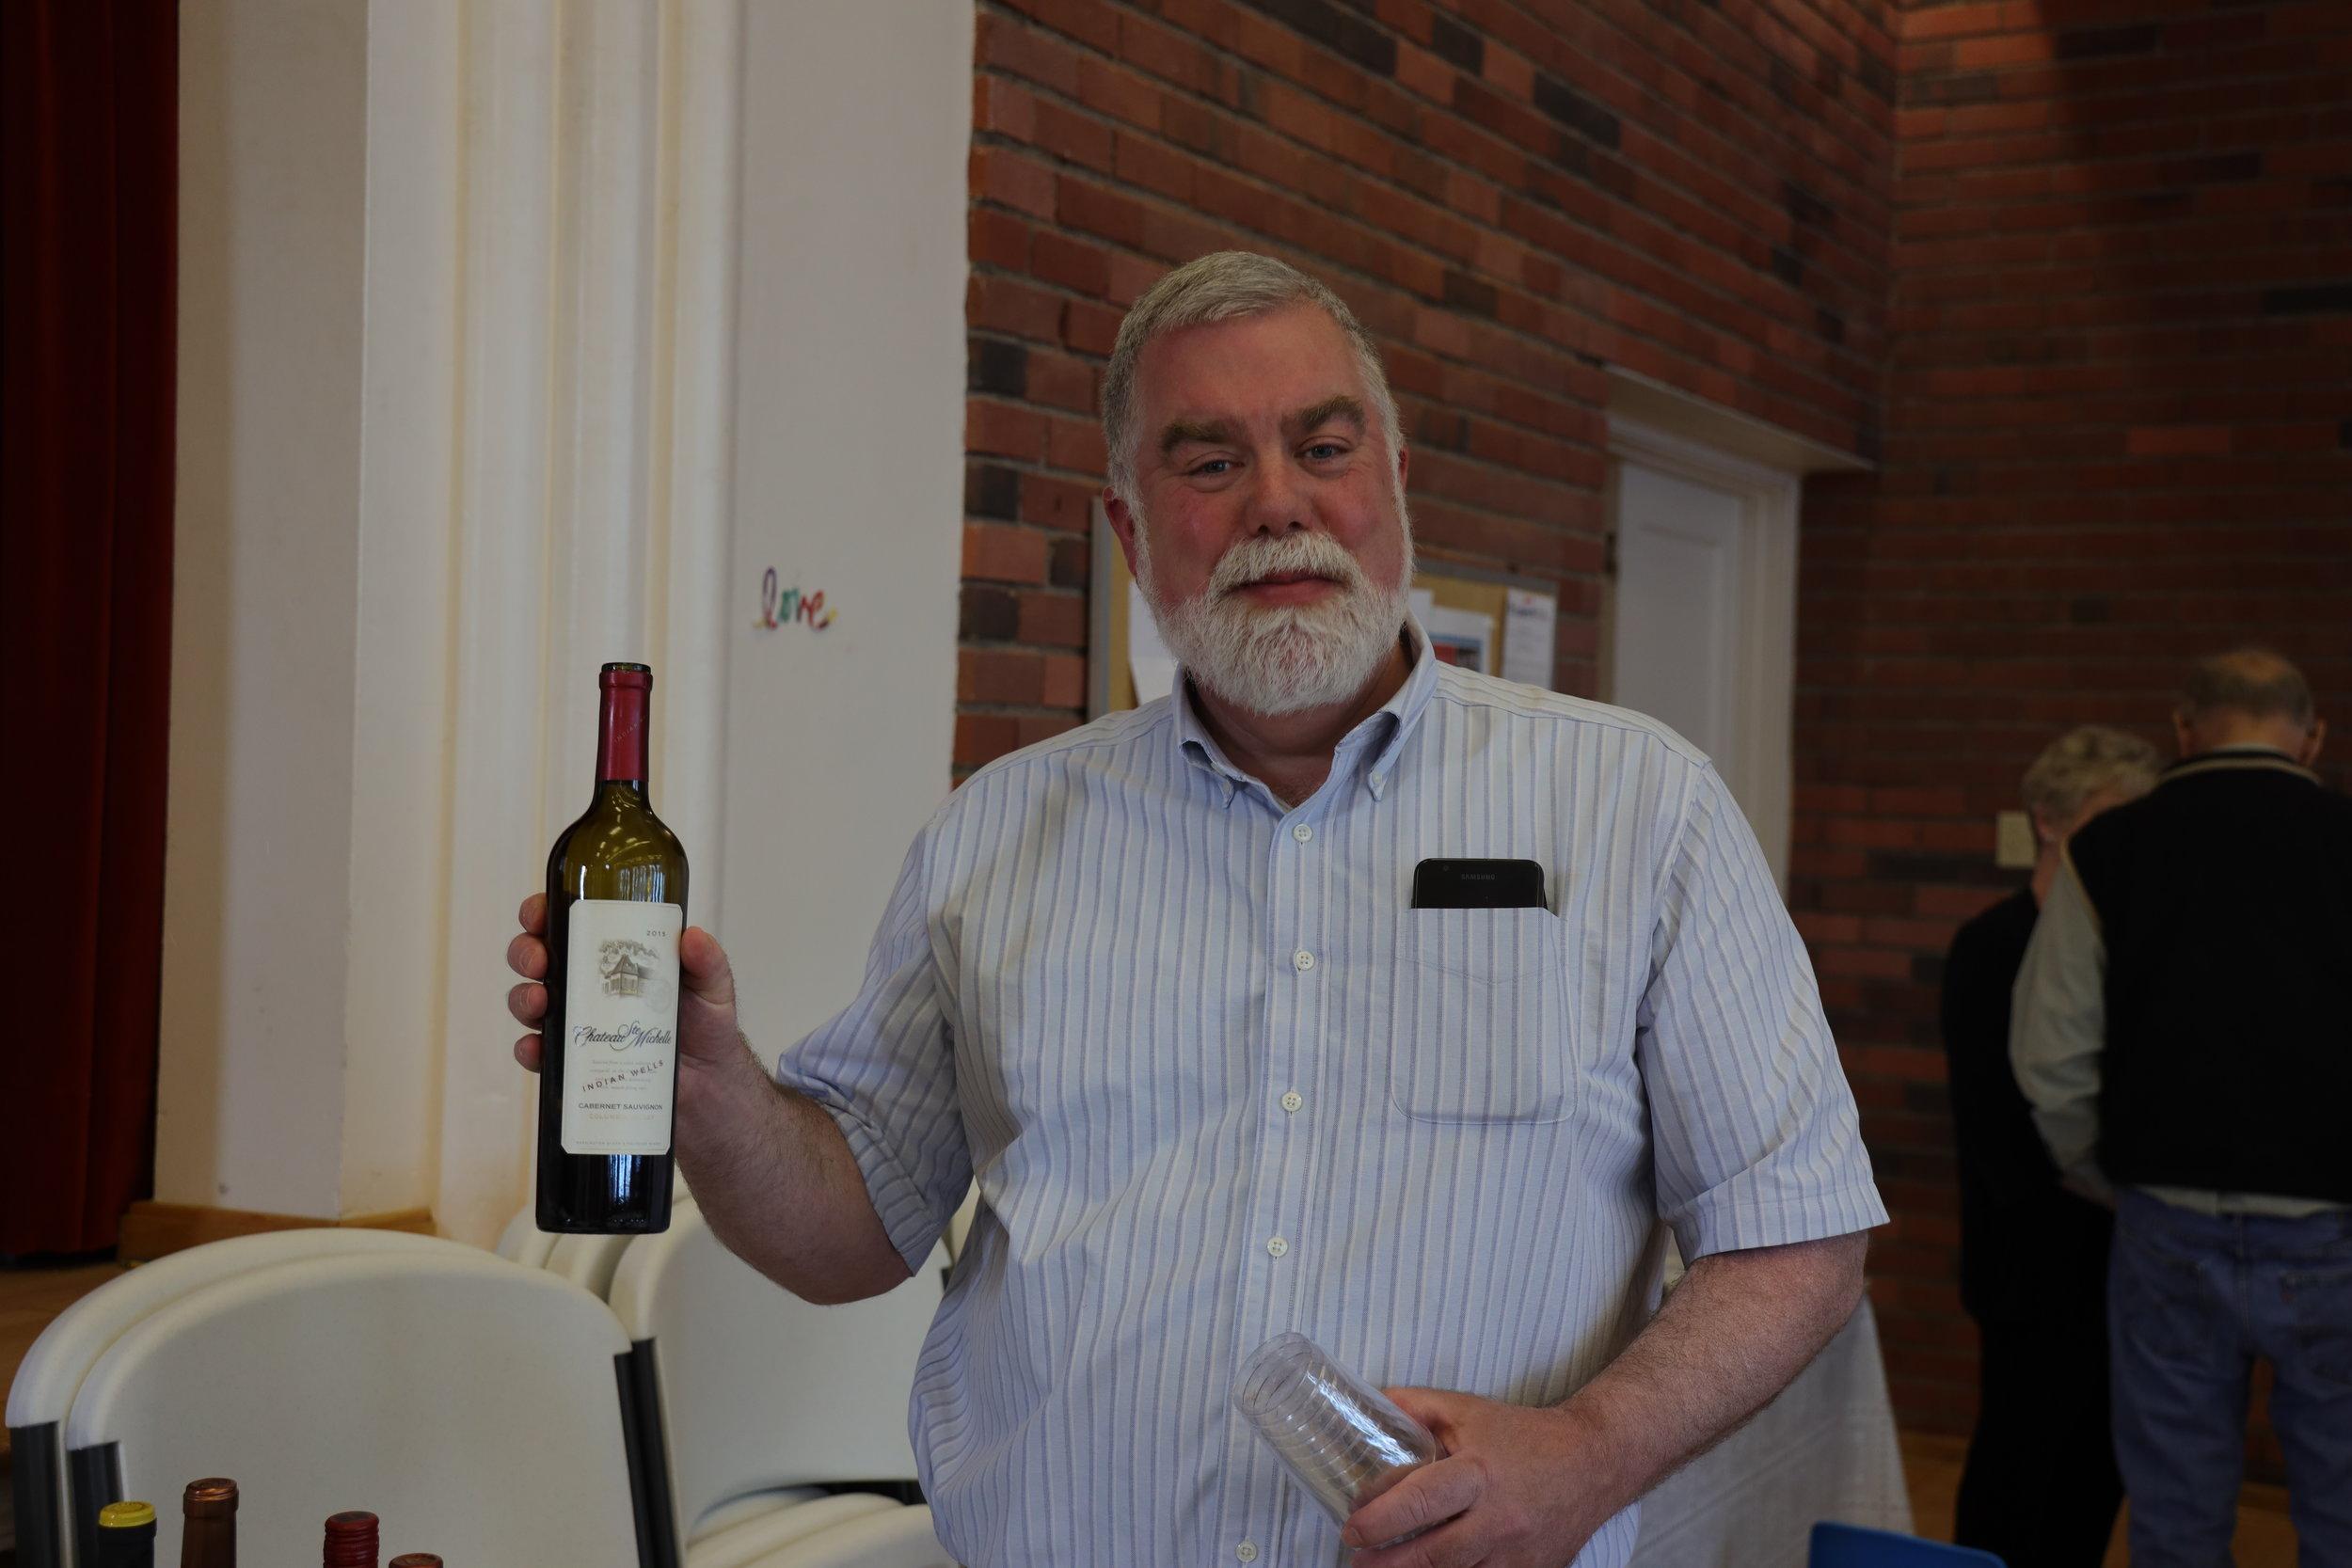 Mike Jackson wine.JPG